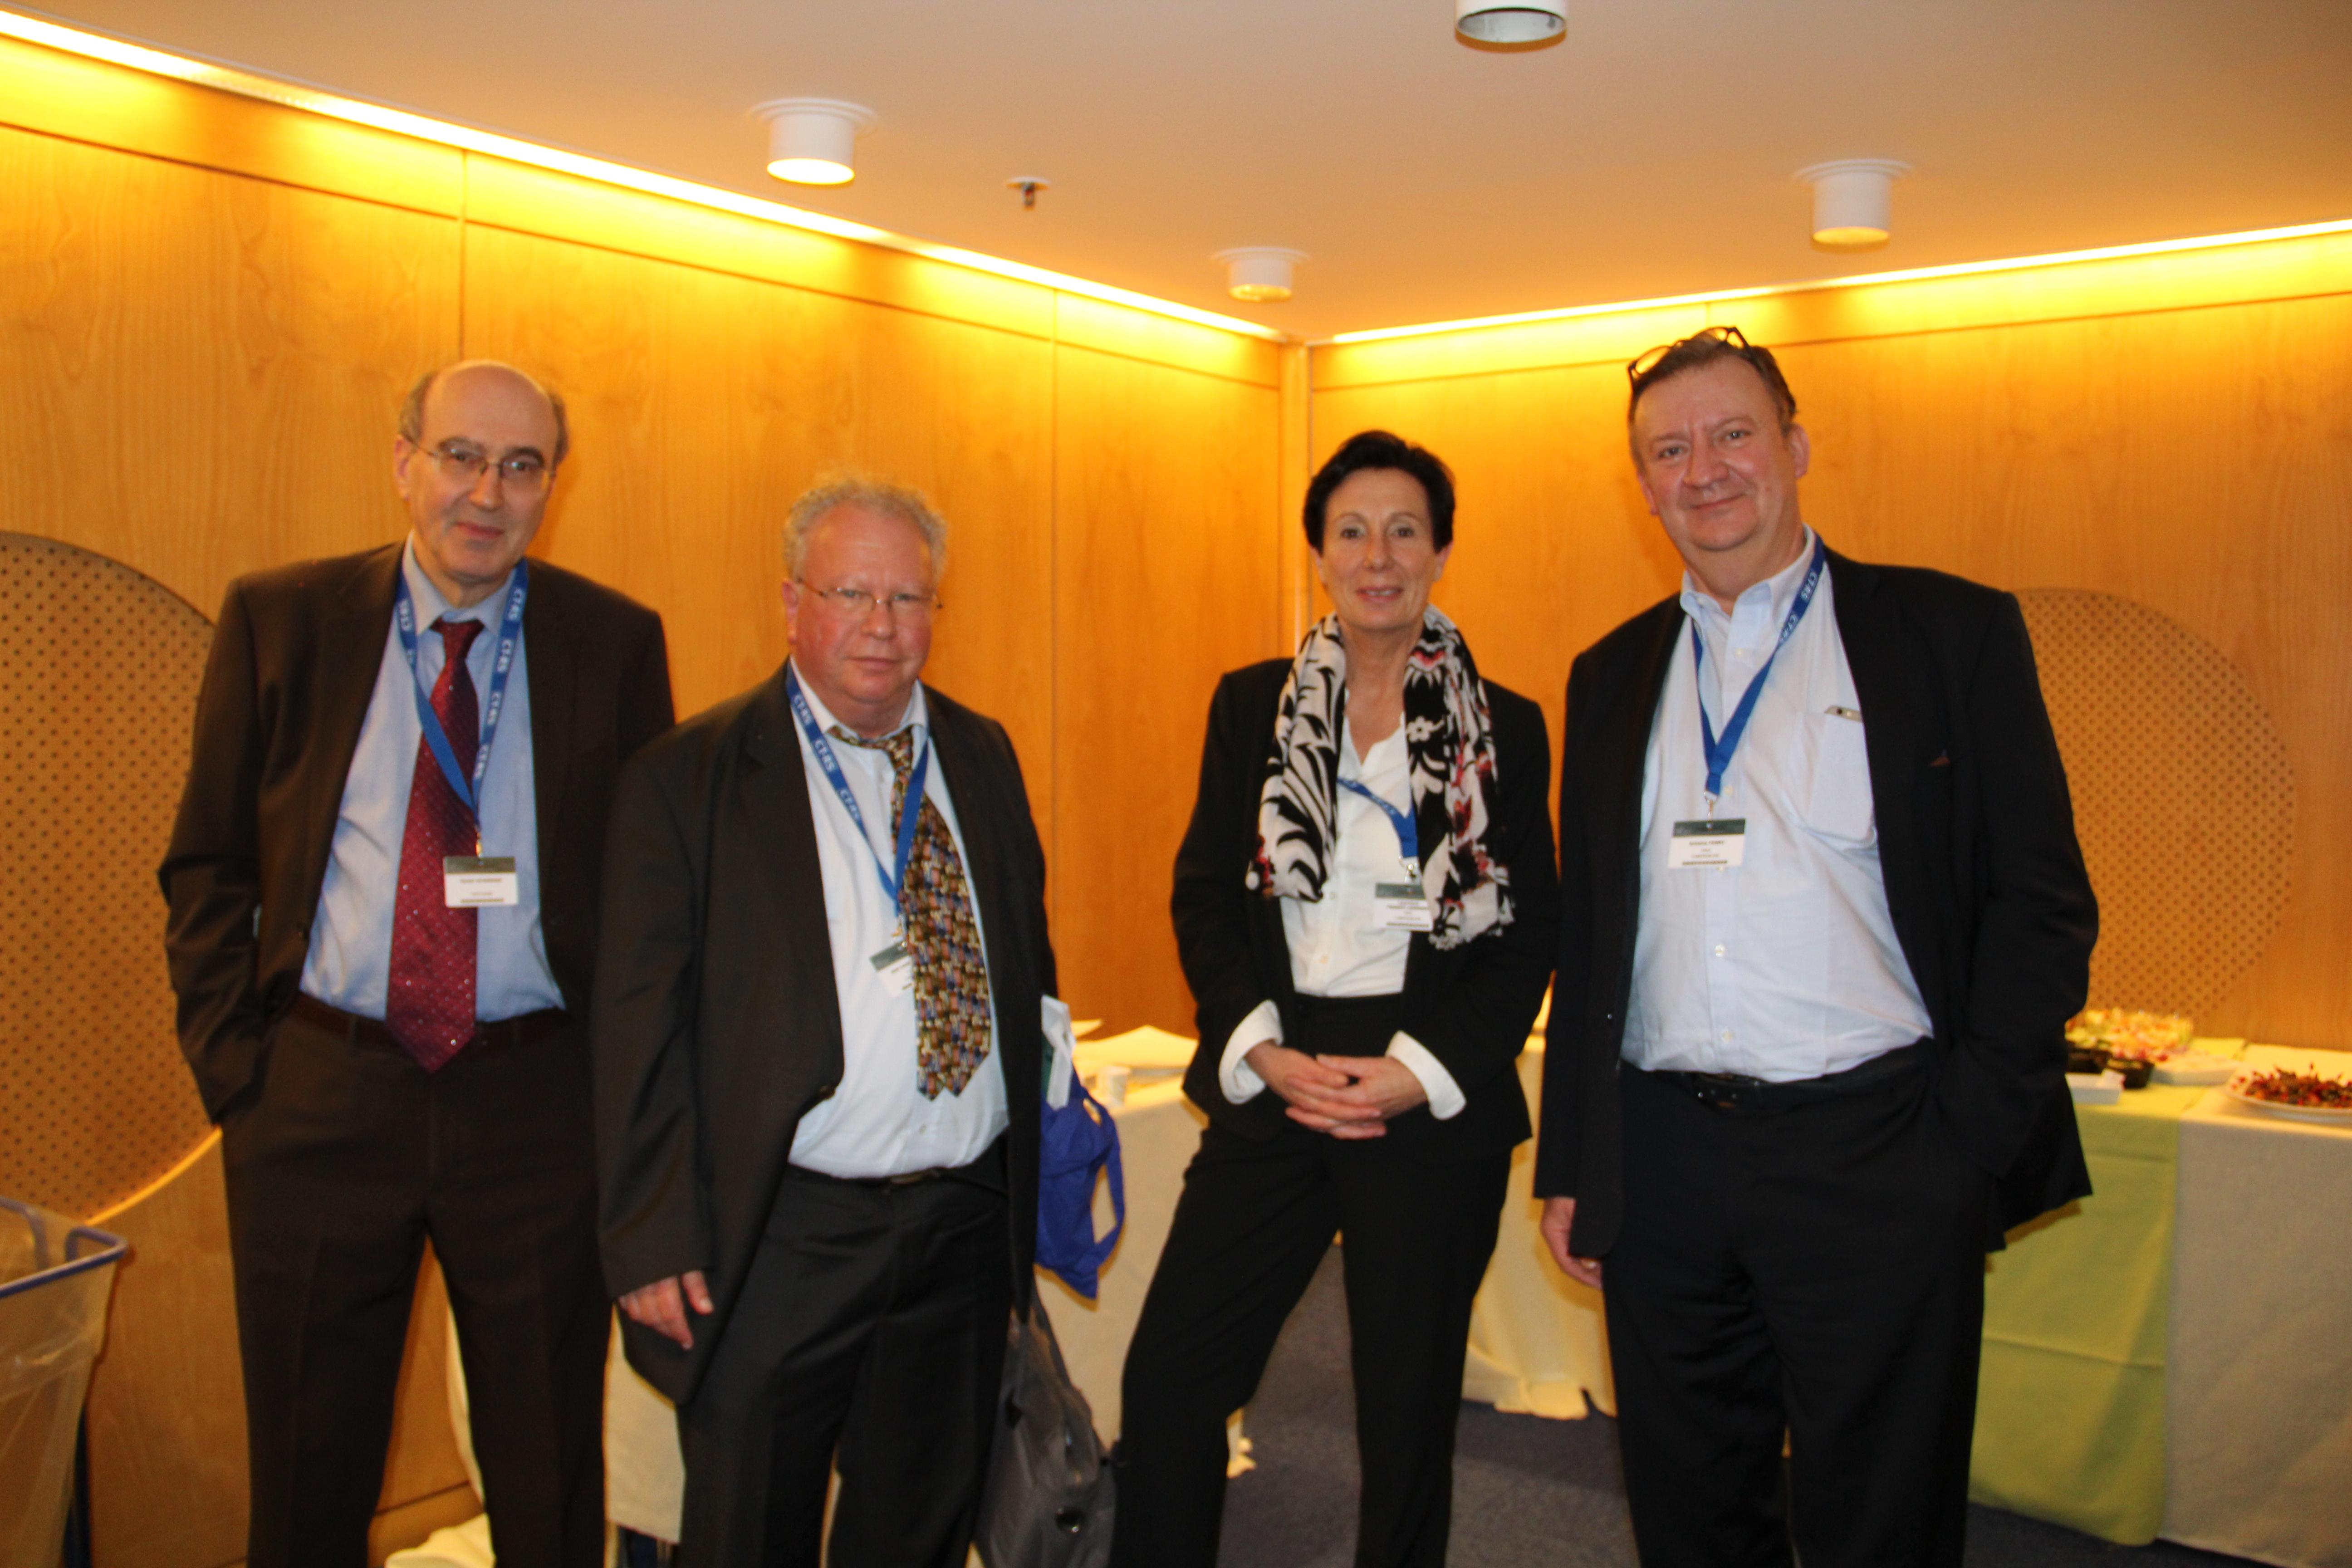 Jean-Pierre Mandel (Fondation Maladies Rares), Laurence Thiennot-Herment (AFM-Téléthon), Alain Ferry (C) crédit Thérèse Bouveret